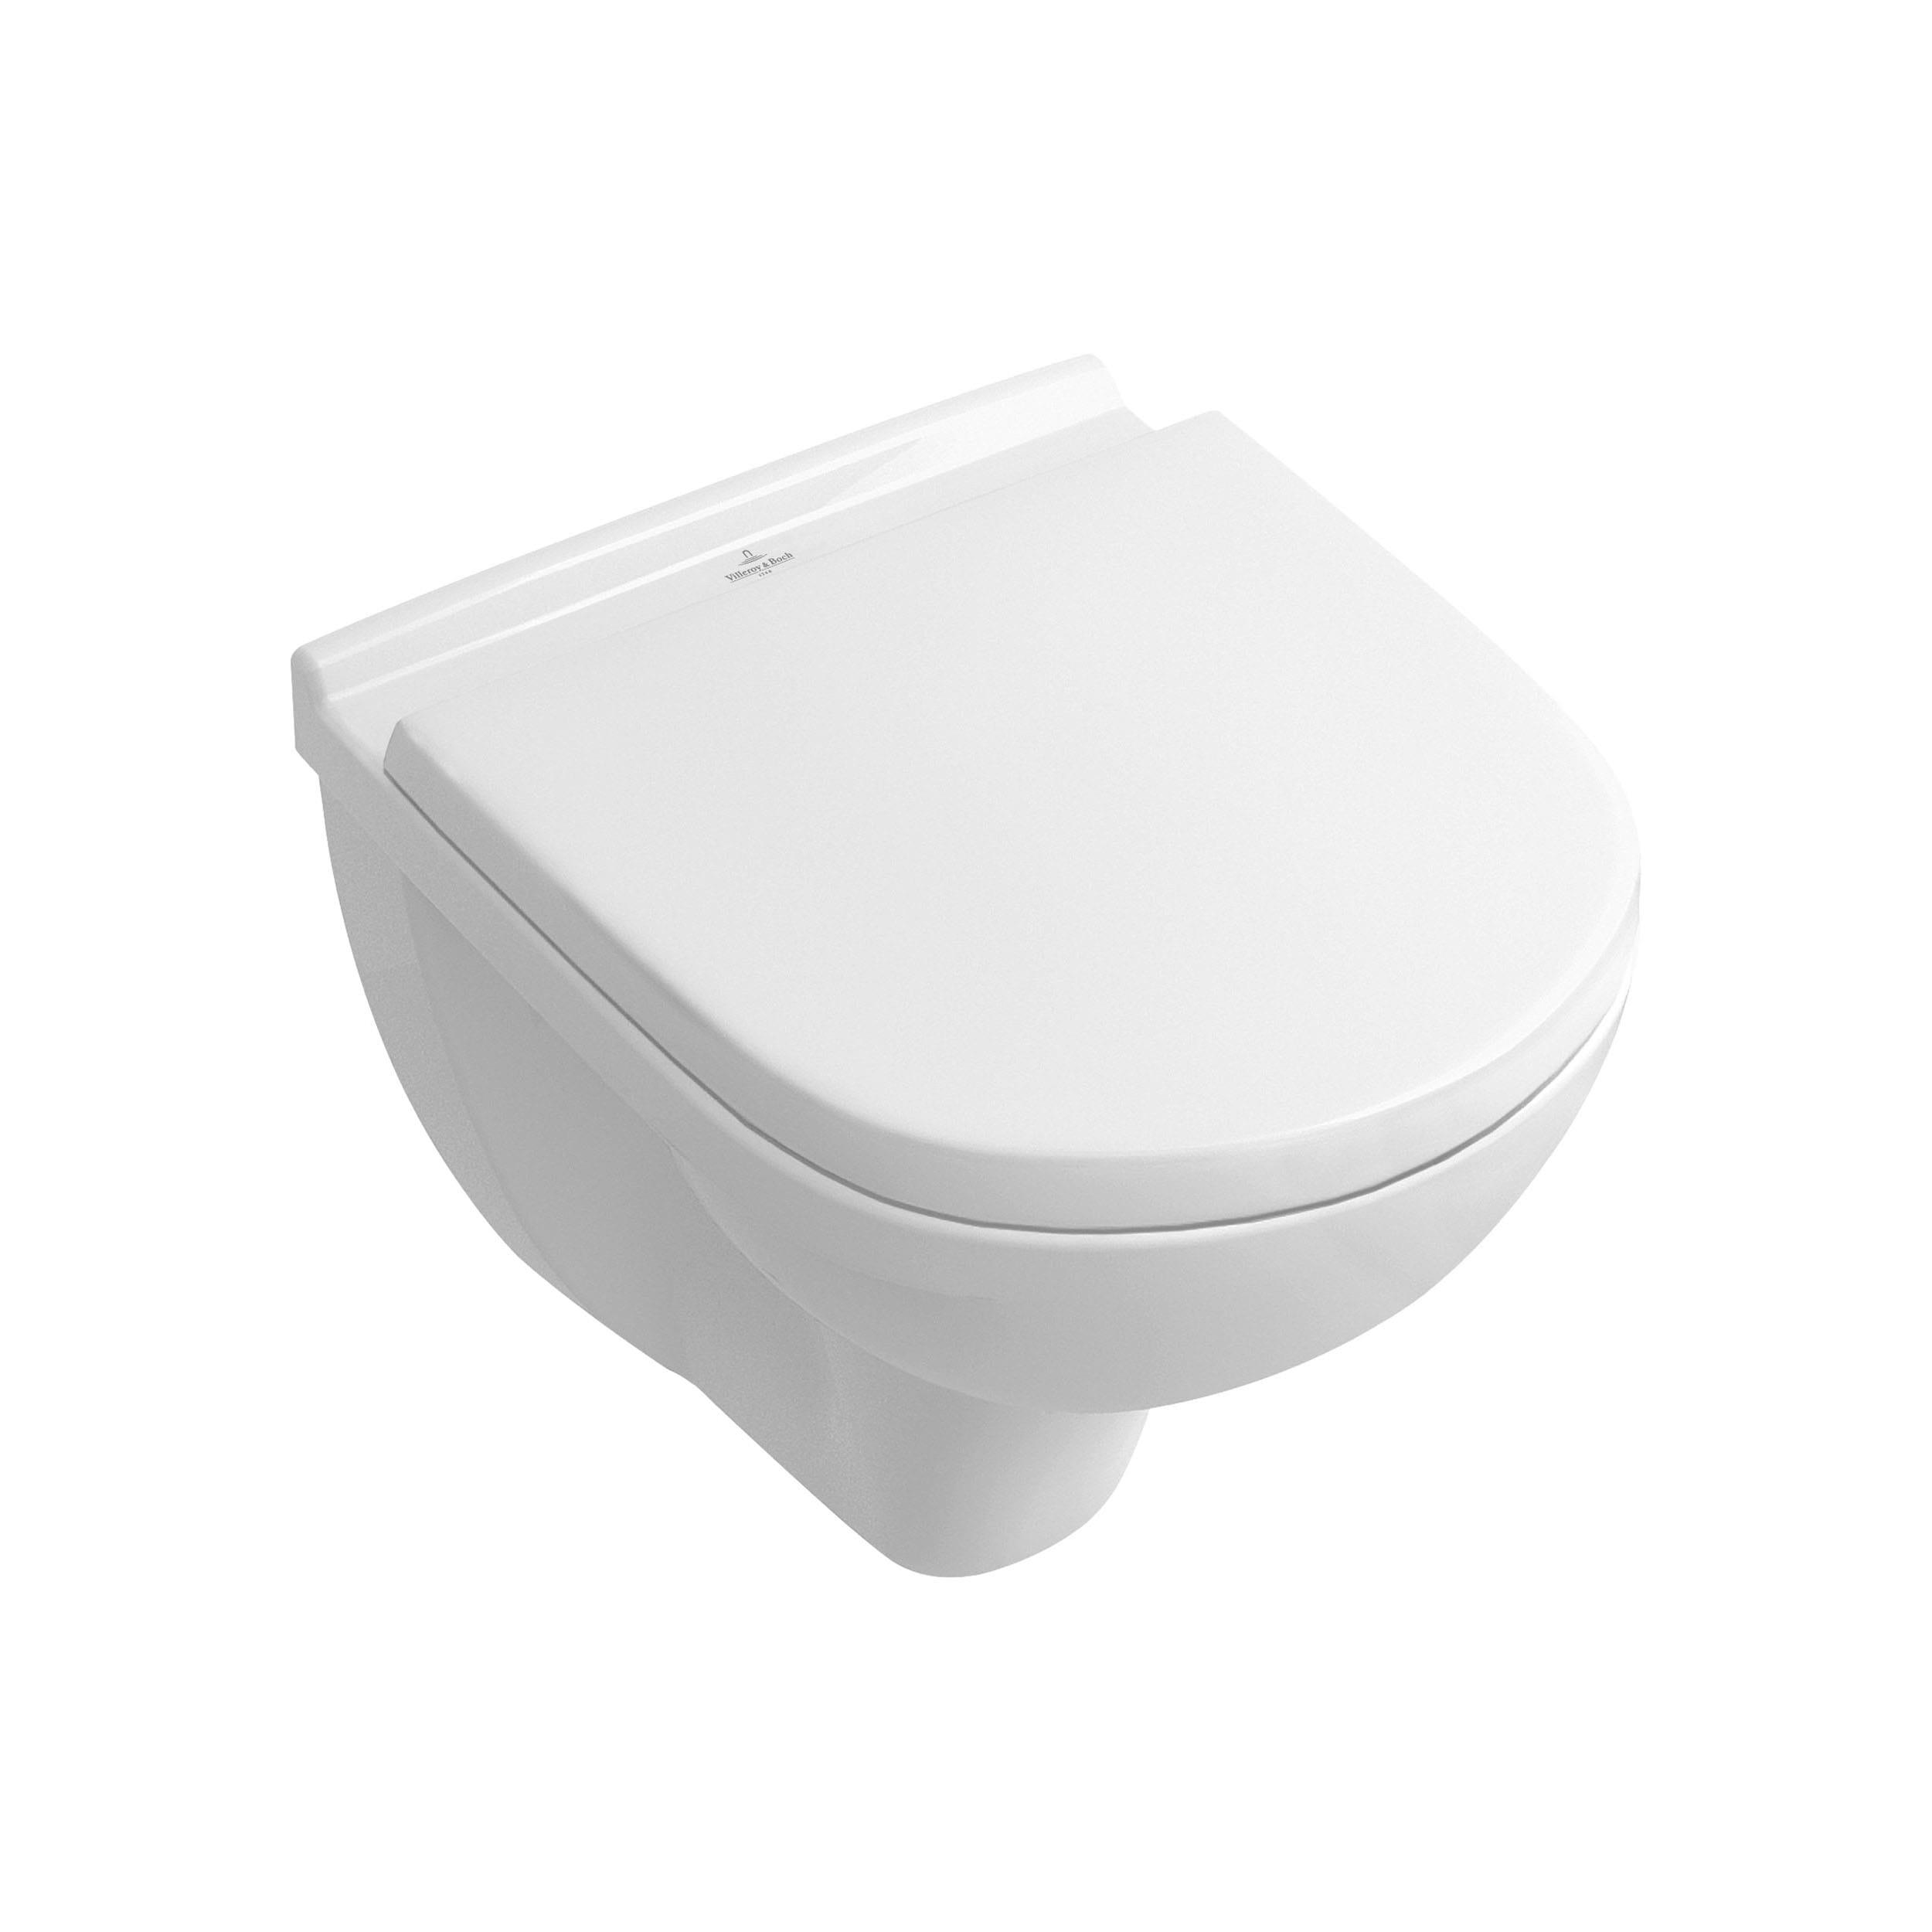 Køb Villeroy & Boch O.Novo væghængt toilet kort model med softclose sæde 613094200